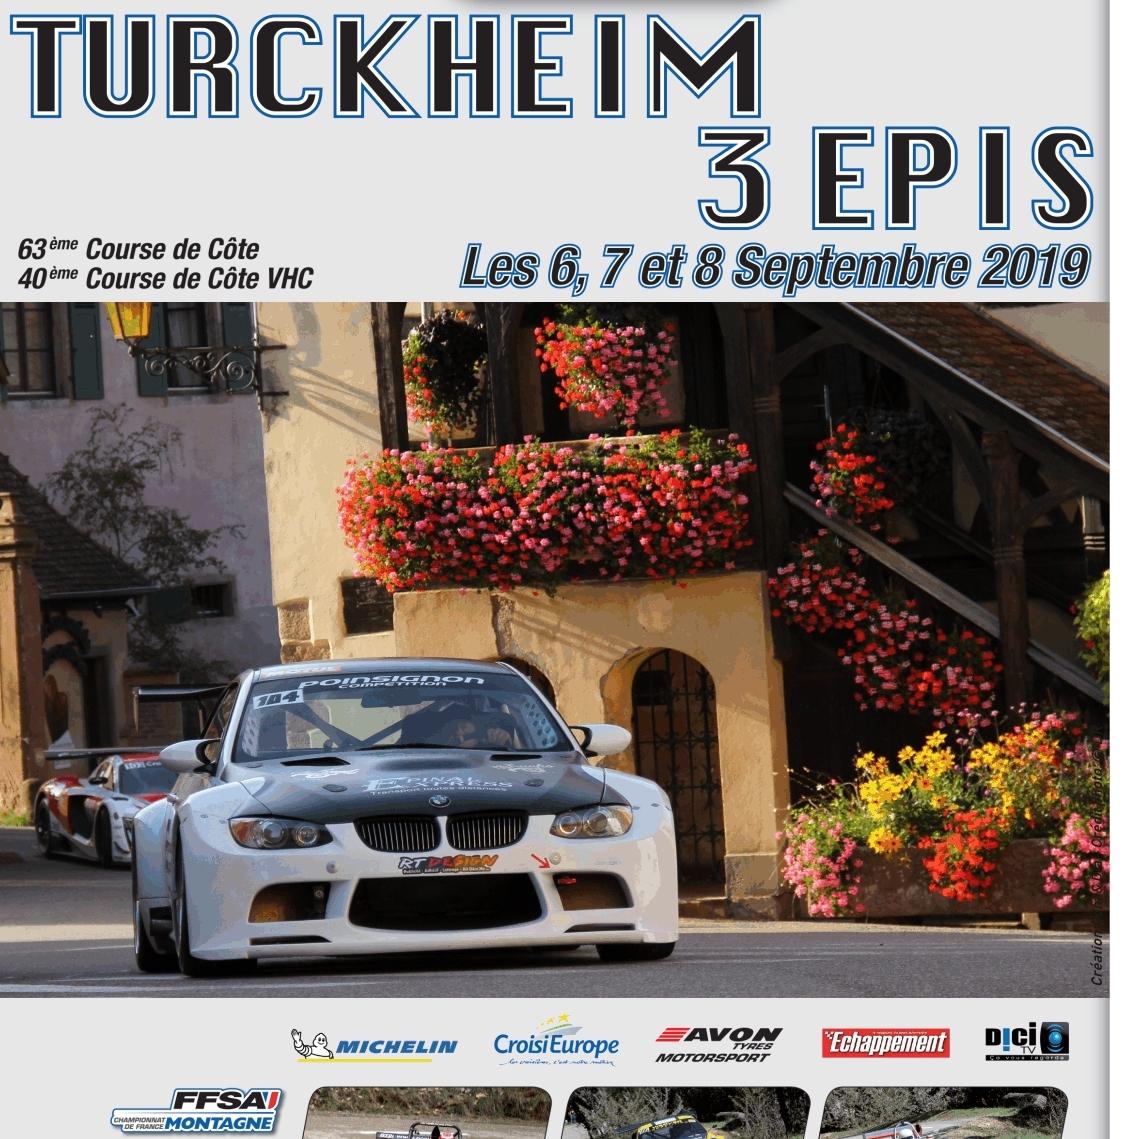 Turckheim Trois Epis